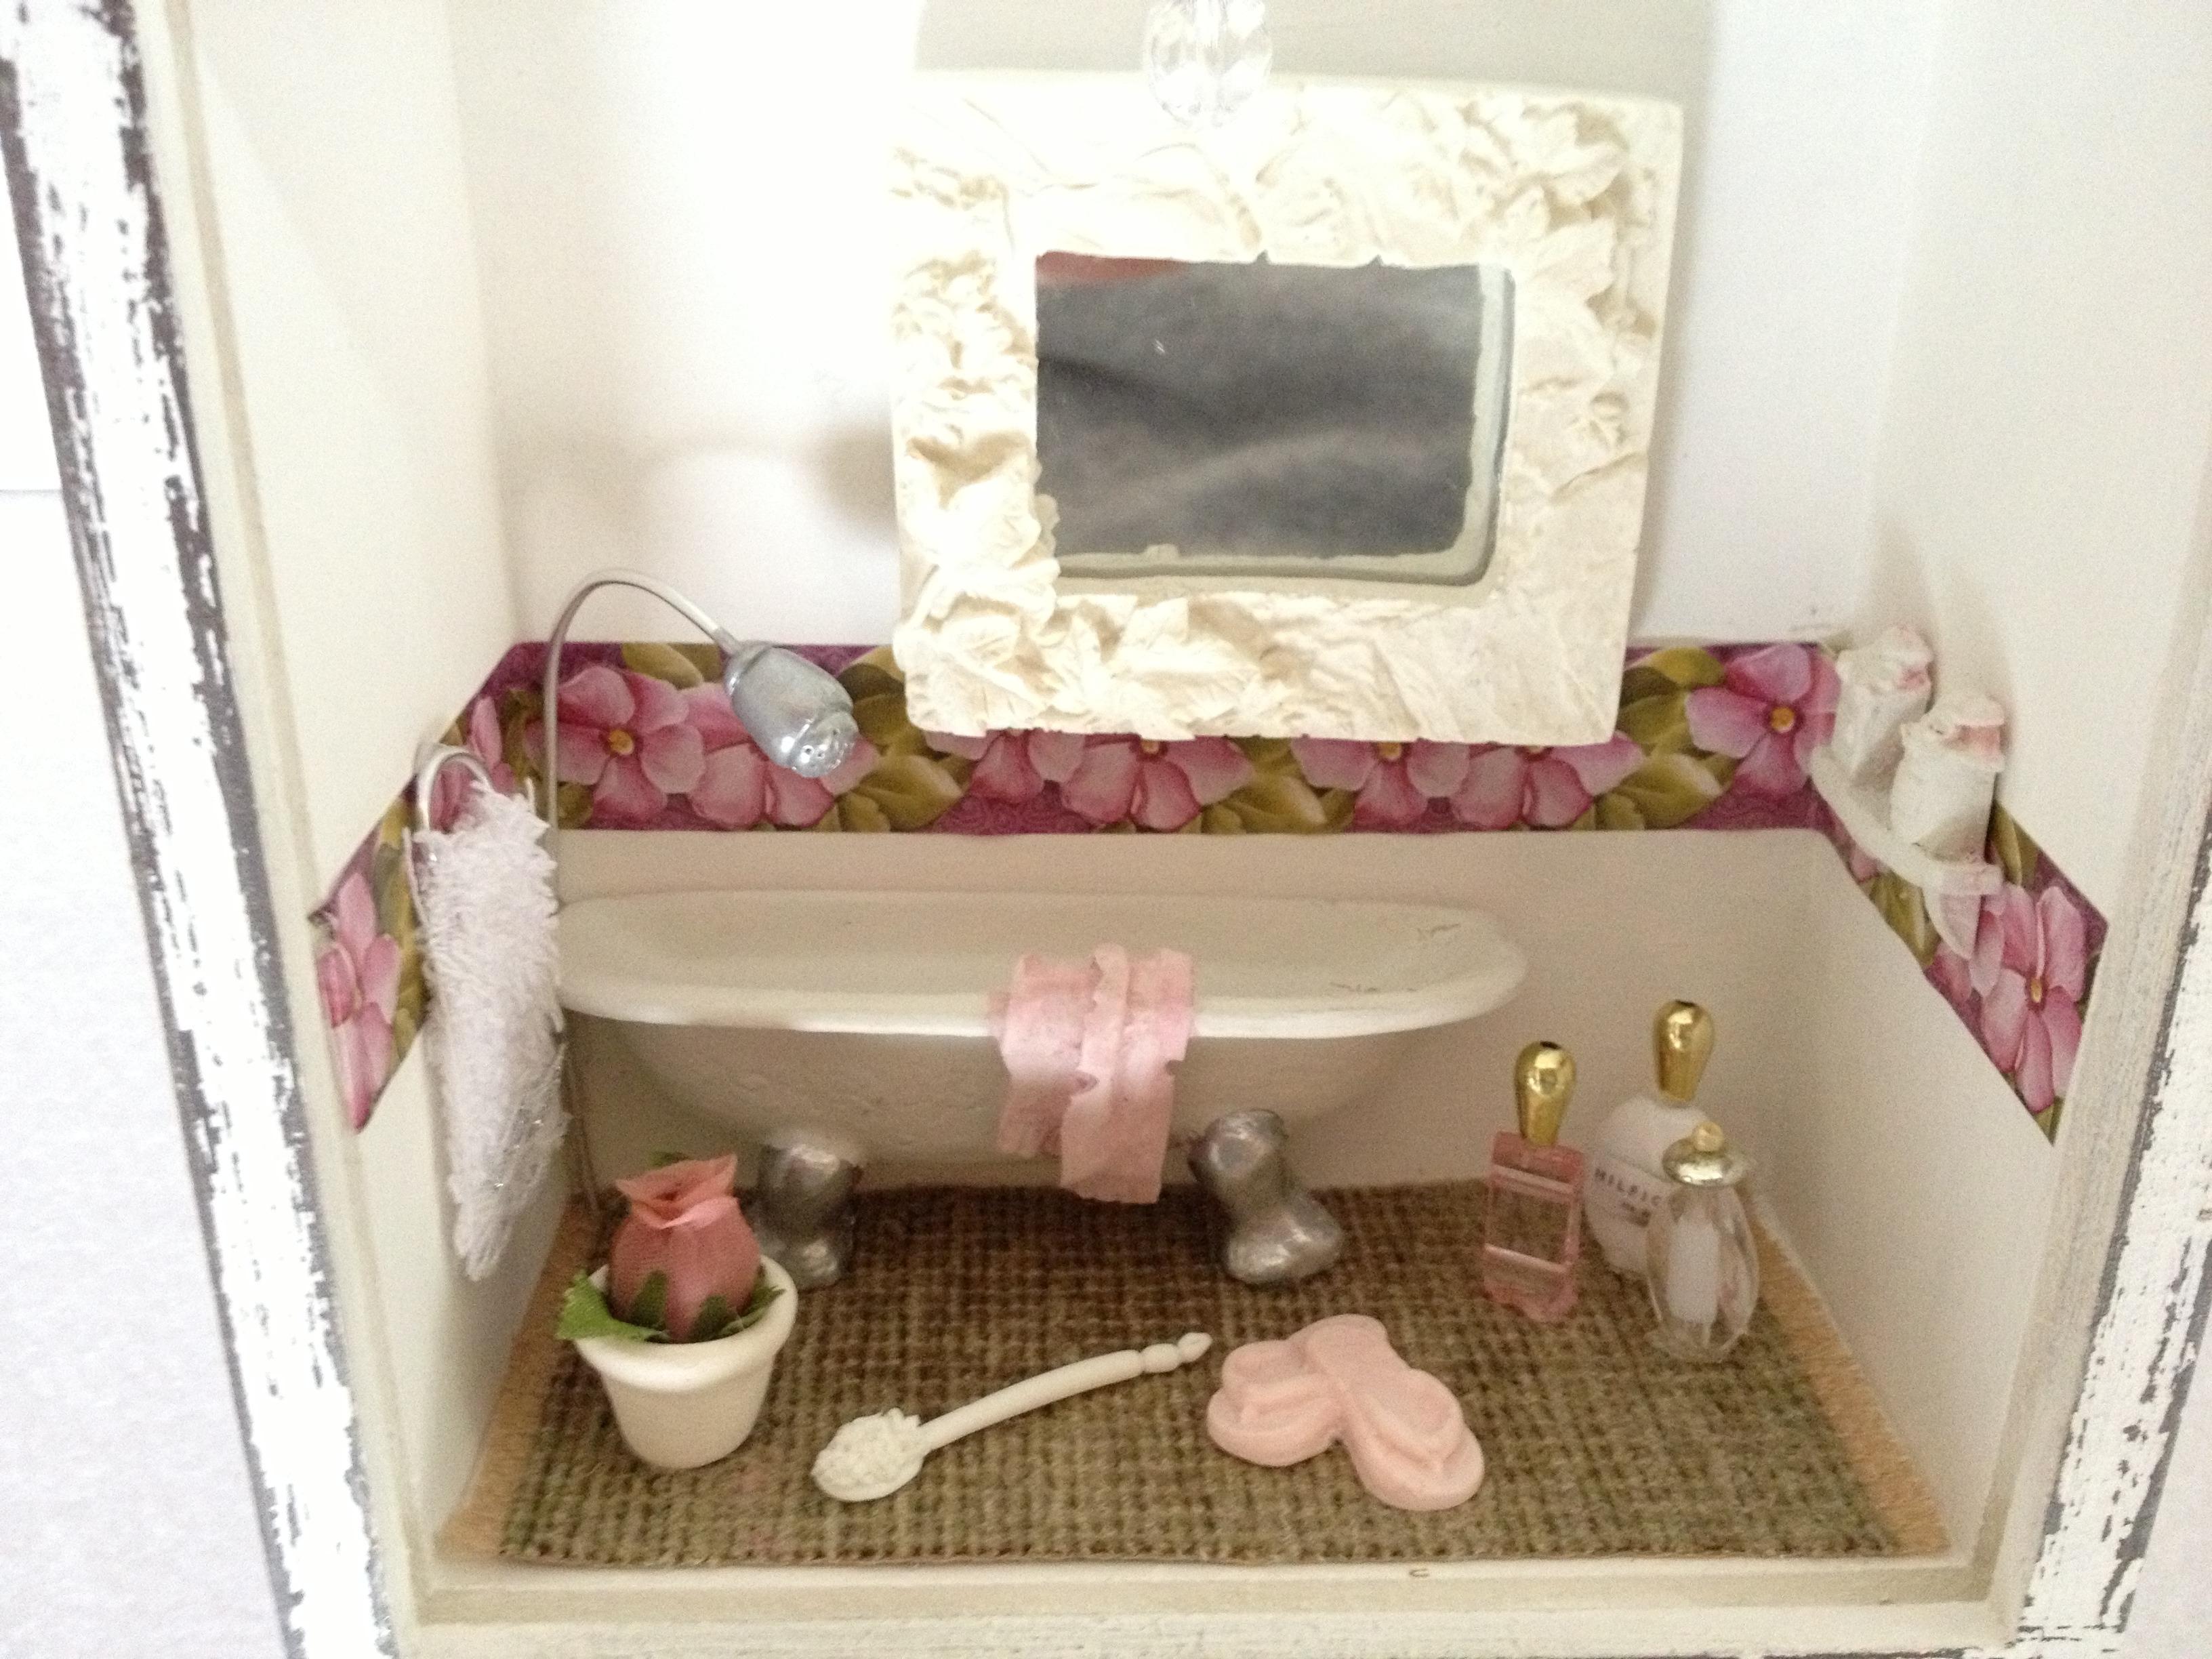 quadro banheiro pequeno resina decoracao quadro banheiro pequeno  #412914 3264x2448 Banheiro Com Banheira Pequeno